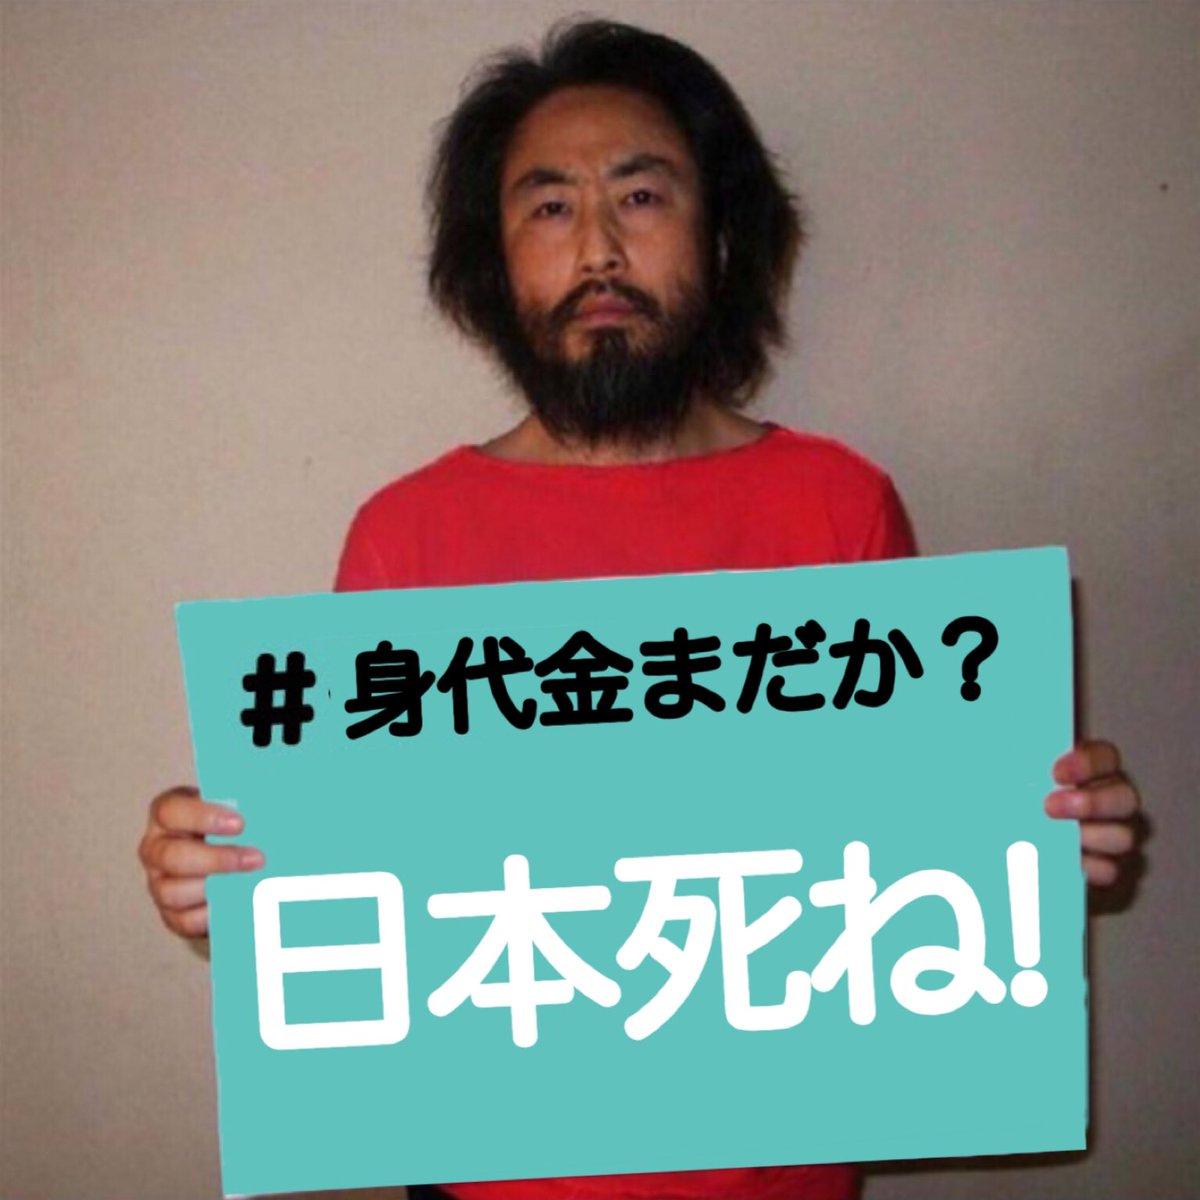 を手にできない場合、ヌスラ戦線は安田純平氏の身柄をISに引き渡すそうな。「チキン国家」にはどうしてやることもできないよな_______ pic. twitter.com/FYSTJnWQT6